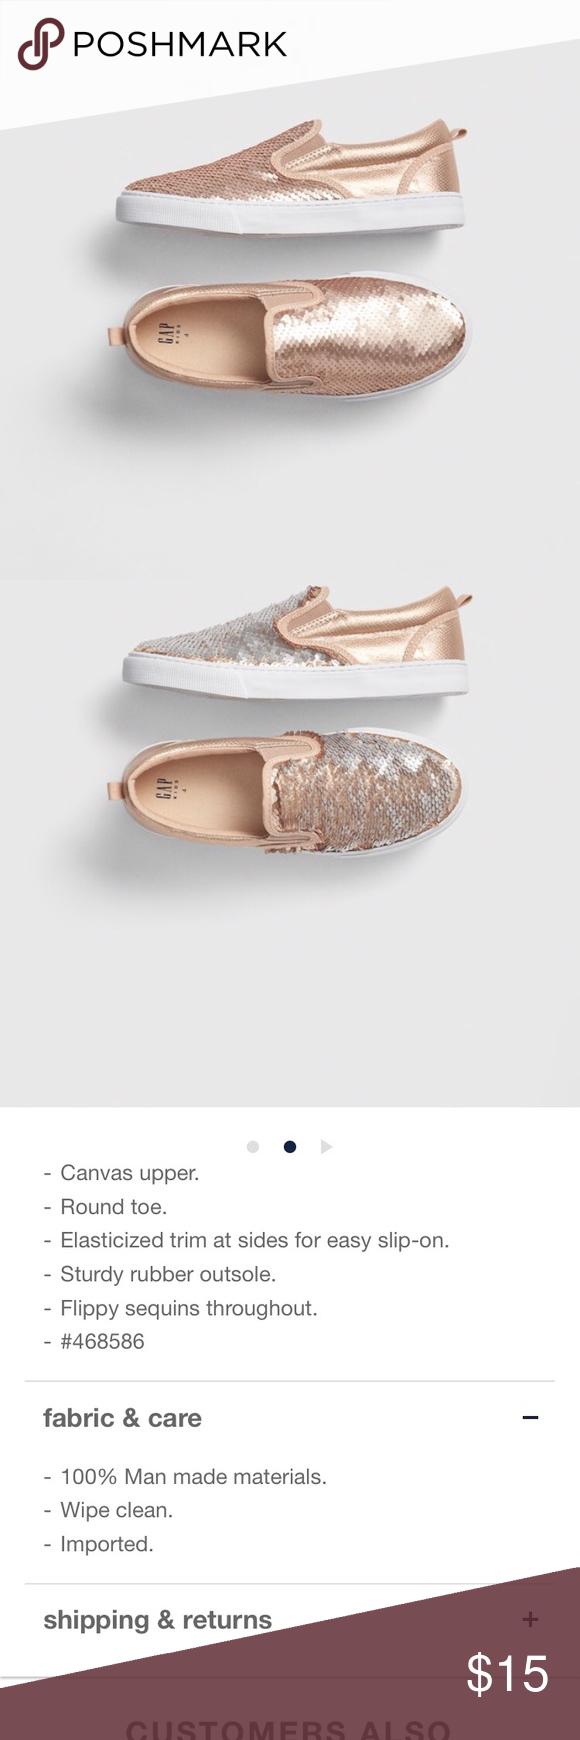 GapKids Sequin Sneakers | Rose gold